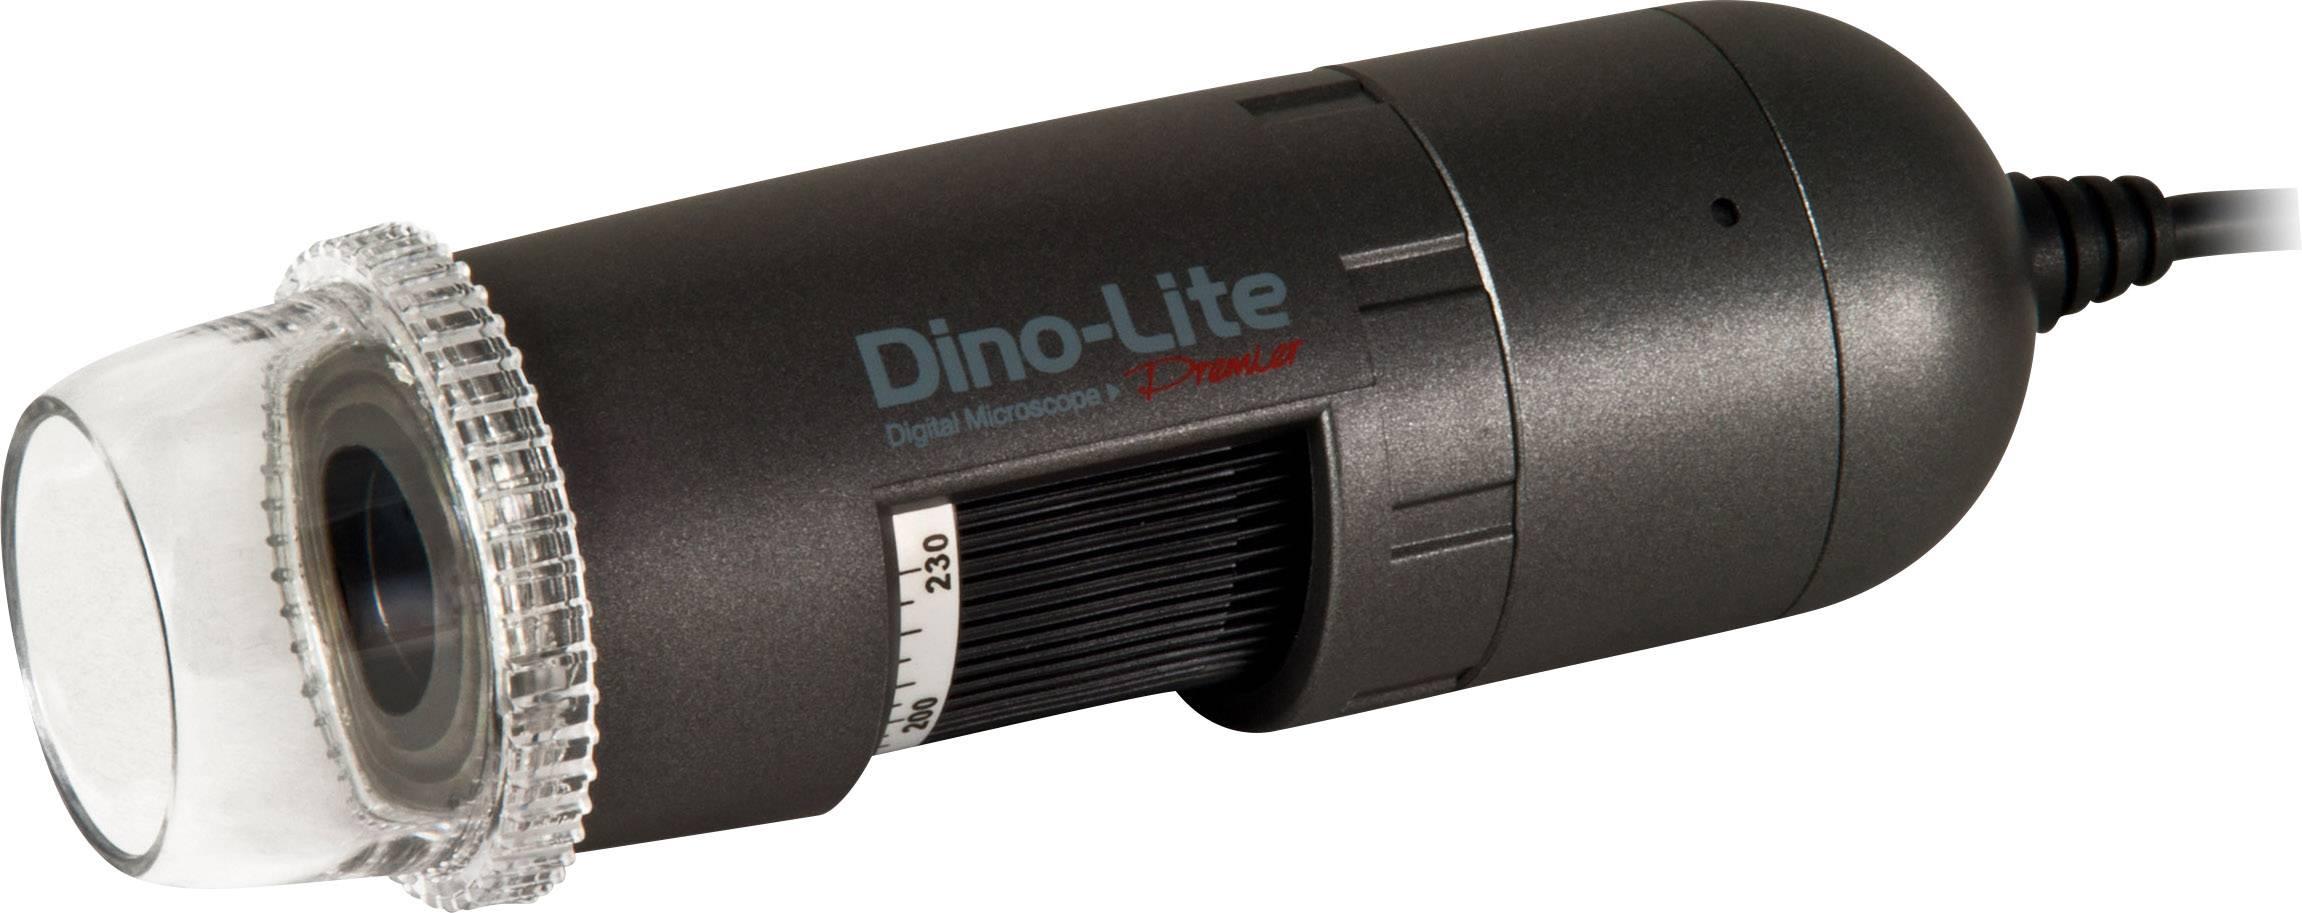 USB mikroskop Dino Lite 0.3 MPix zväčšenie 200 x